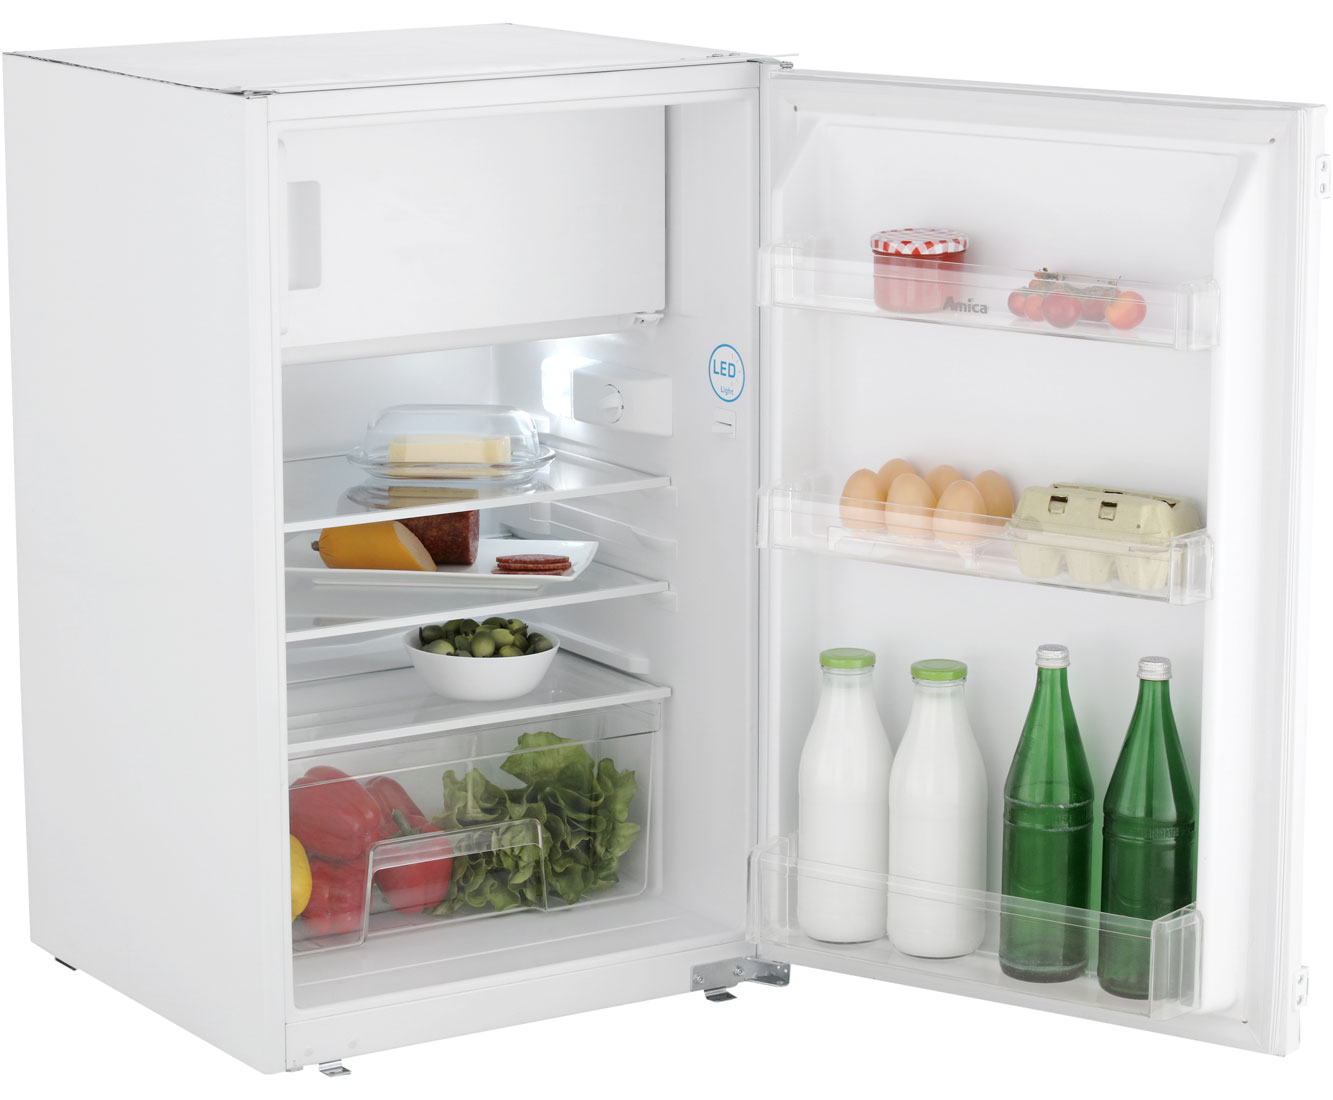 Amica EKS 16161 Kühlschränke - Weiß